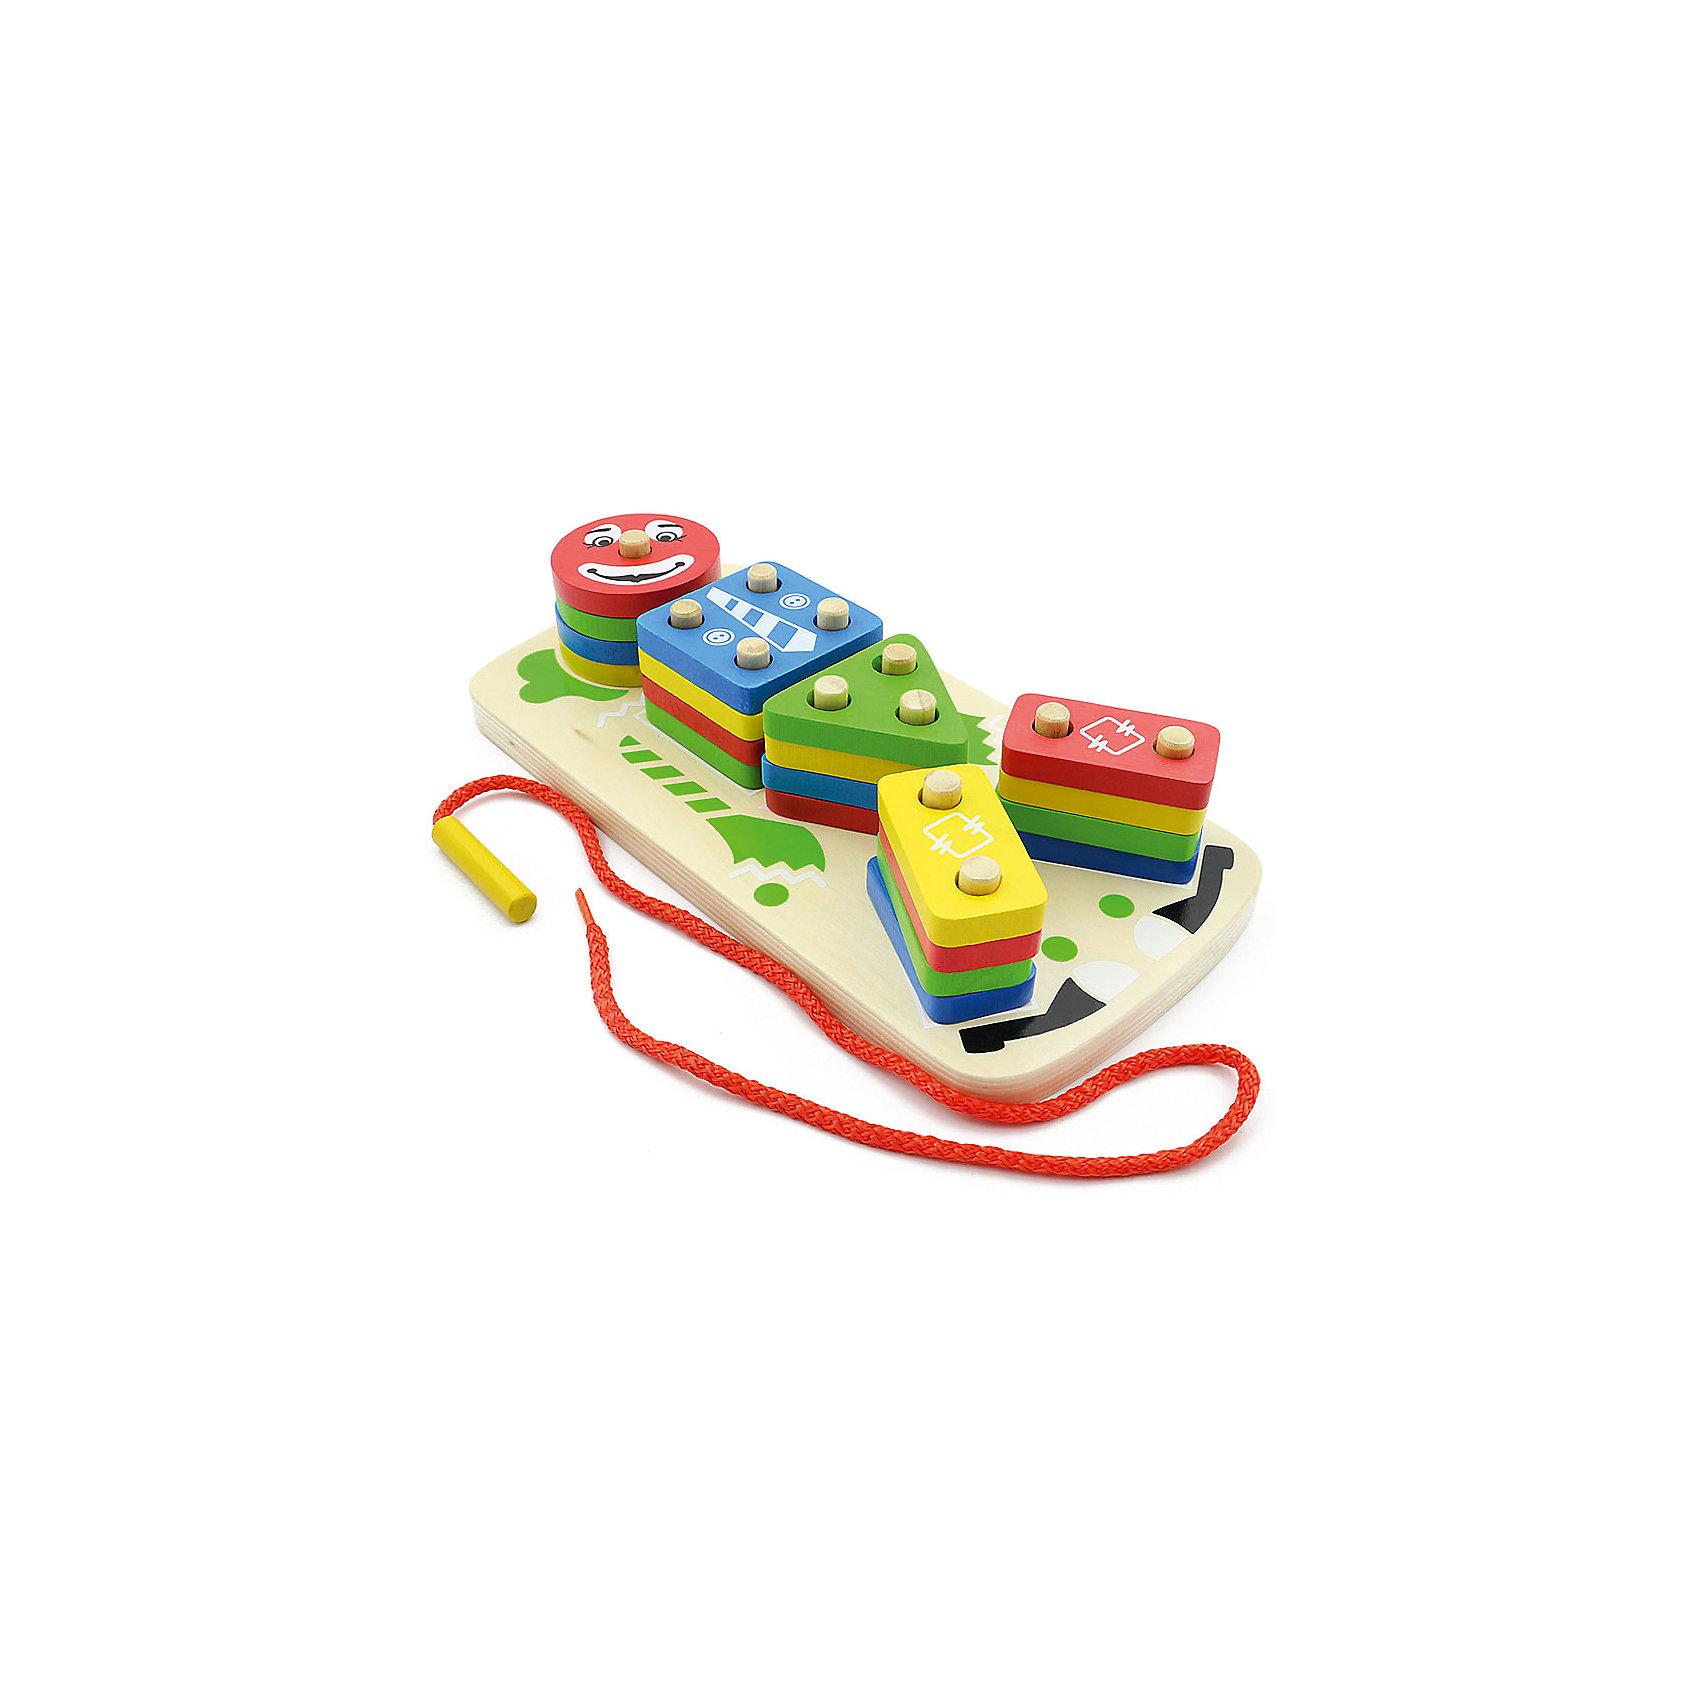 Клоун Пирамидка, Мир деревянных игрушекРазвивающие игрушки помогают малышу быстрее освоить нужные навыки: они развивают мелкую моторику, цветовосприятие, умение логически размышлять, внимание, способность распознавать разные геометрические формы и многое другое.<br>Эта пирамидка-сортер сделана из натурального дерева, отлично обработанного и безопасного для малышей. Игра с ней может надолго занять ребенка!<br><br>Дополнительная информация:<br><br>цвет: разноцветный;<br>материал: дерево;<br>комплектация: 20 фигурок, сортер;<br>размер упаковки: 21 х 11 х 7 см.<br><br>Клоун Пирамидка от компании Мир деревянных игрушек можно купить в нашем магазине.<br><br>Ширина мм: 210<br>Глубина мм: 110<br>Высота мм: 65<br>Вес г: 519<br>Возраст от месяцев: 36<br>Возраст до месяцев: 2147483647<br>Пол: Унисекс<br>Возраст: Детский<br>SKU: 4976697